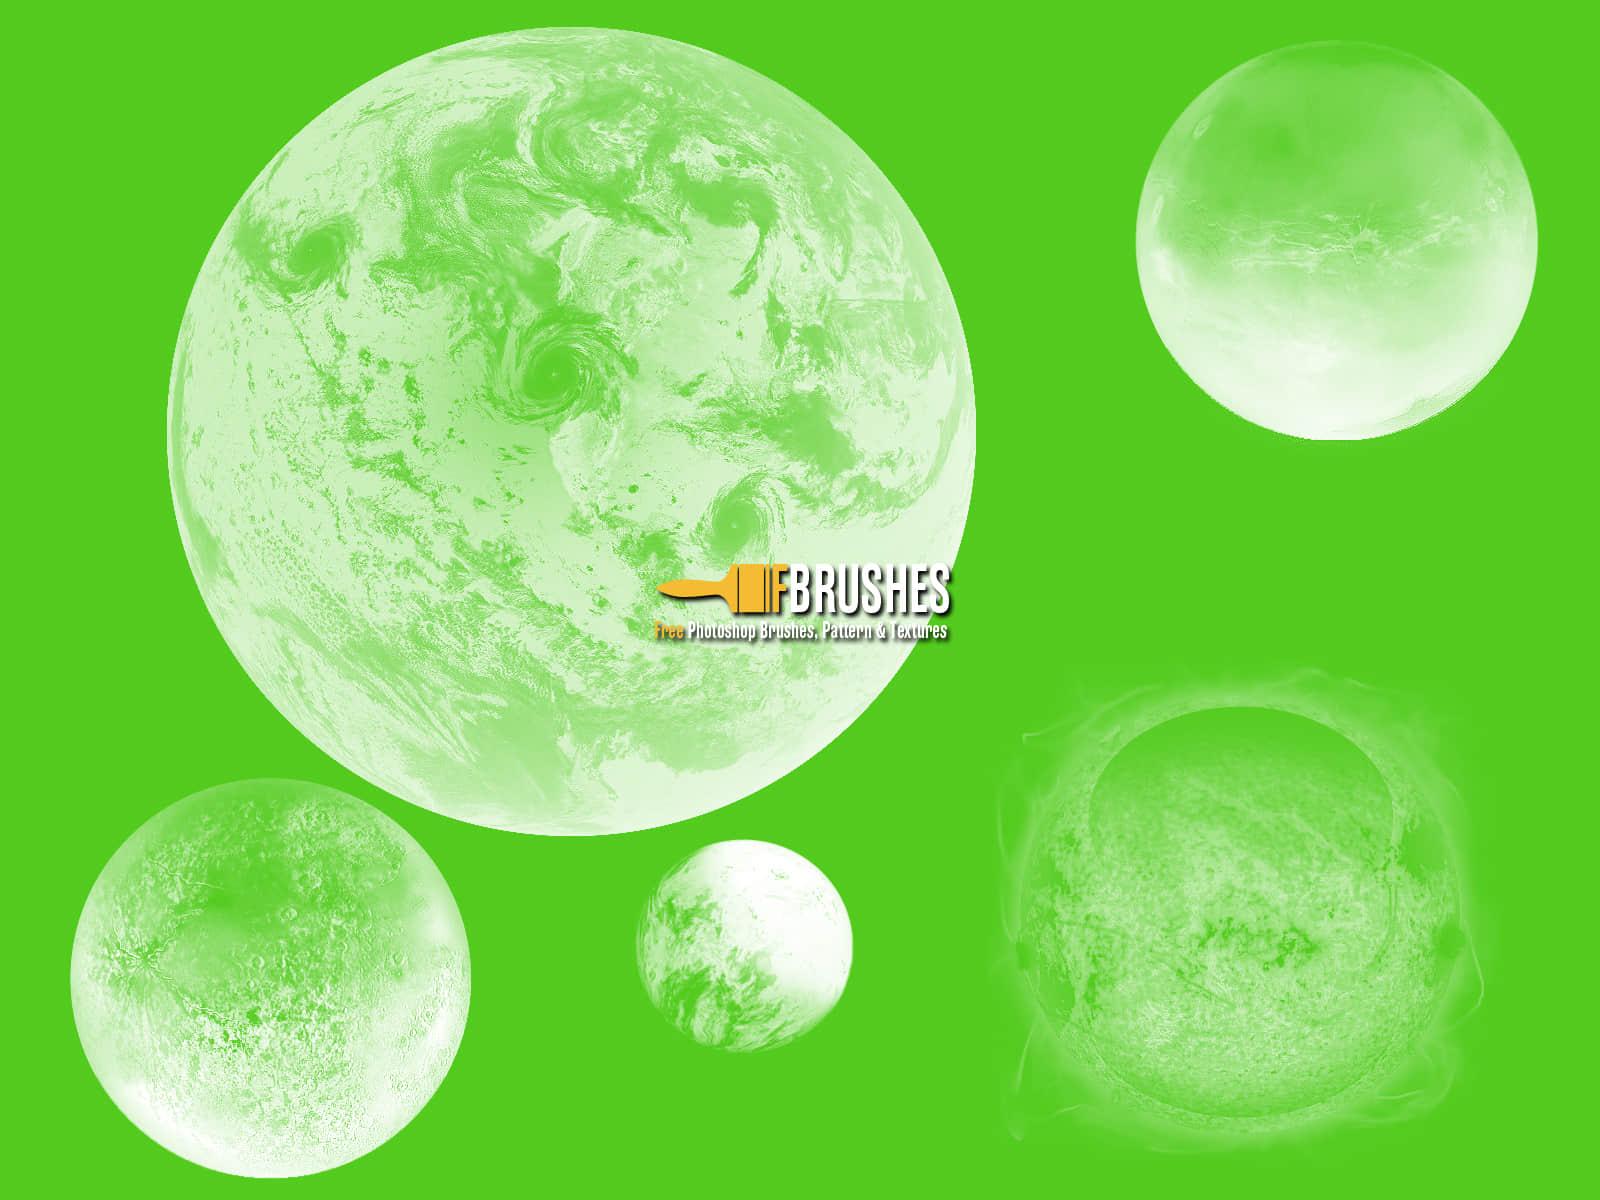 超大行星、星球Photoshop宇宙笔刷下载 行星笔刷 星球笔刷  %e5%ae%87%e5%ae%99%e7%ac%94%e5%88%b7